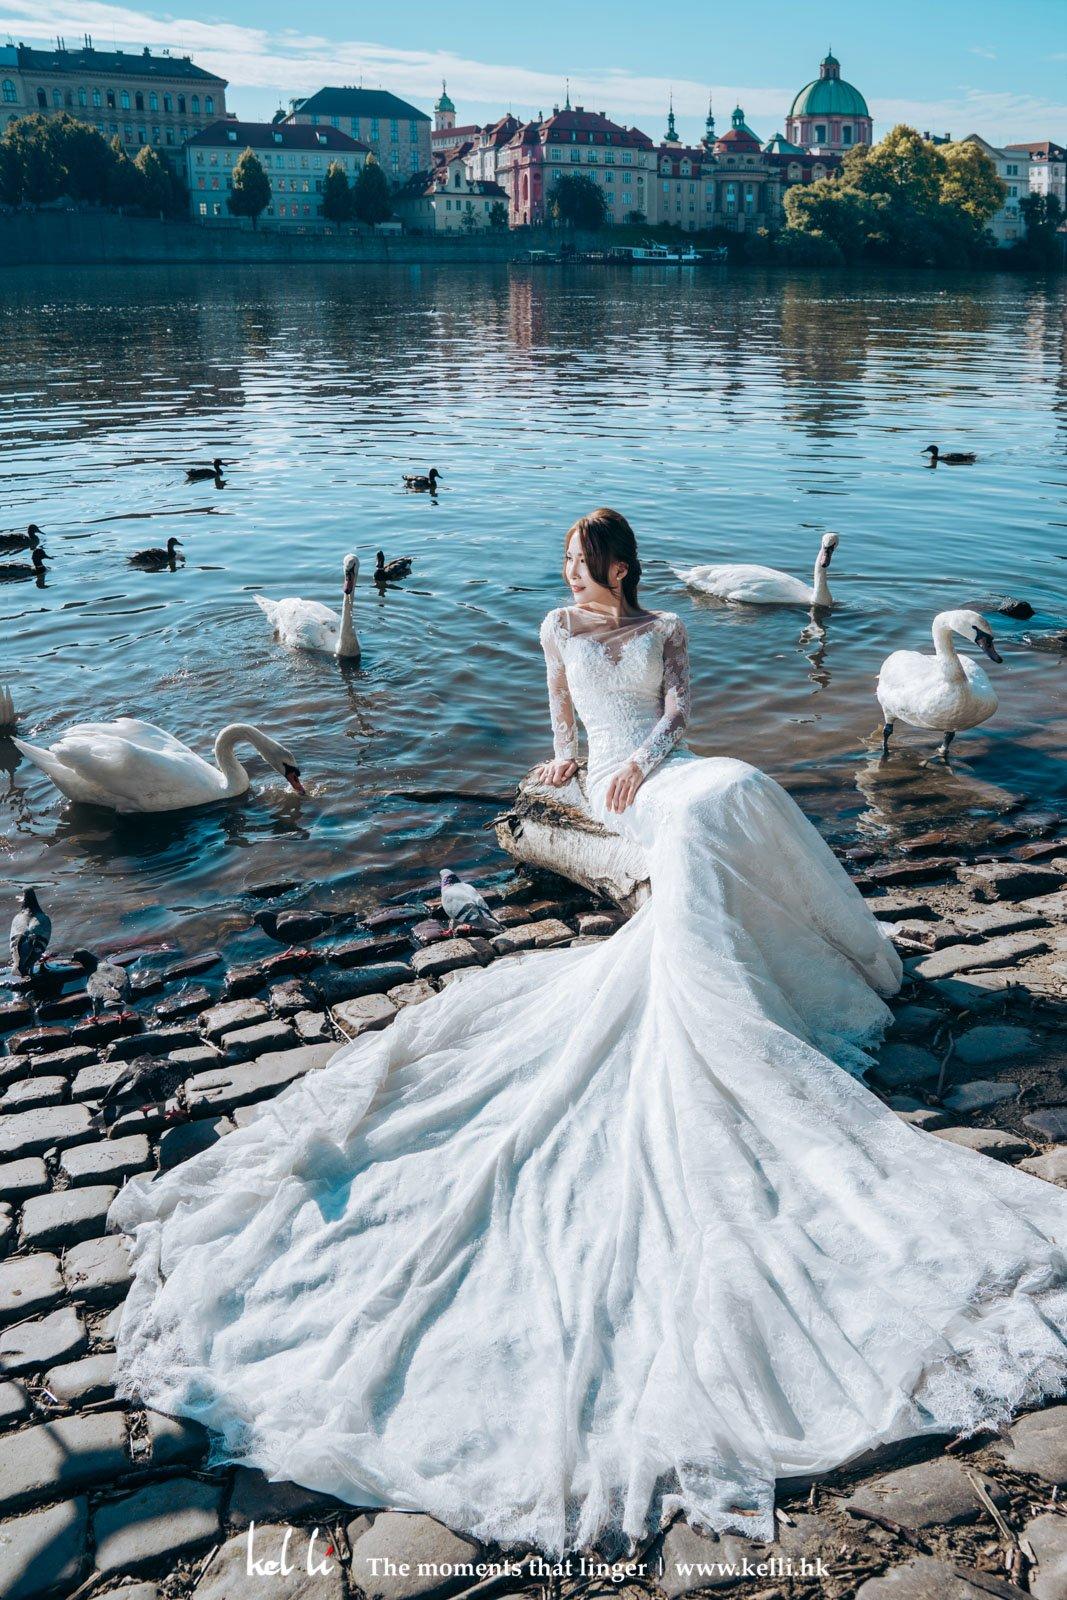 看來天鵝也為動人的新娘讓路